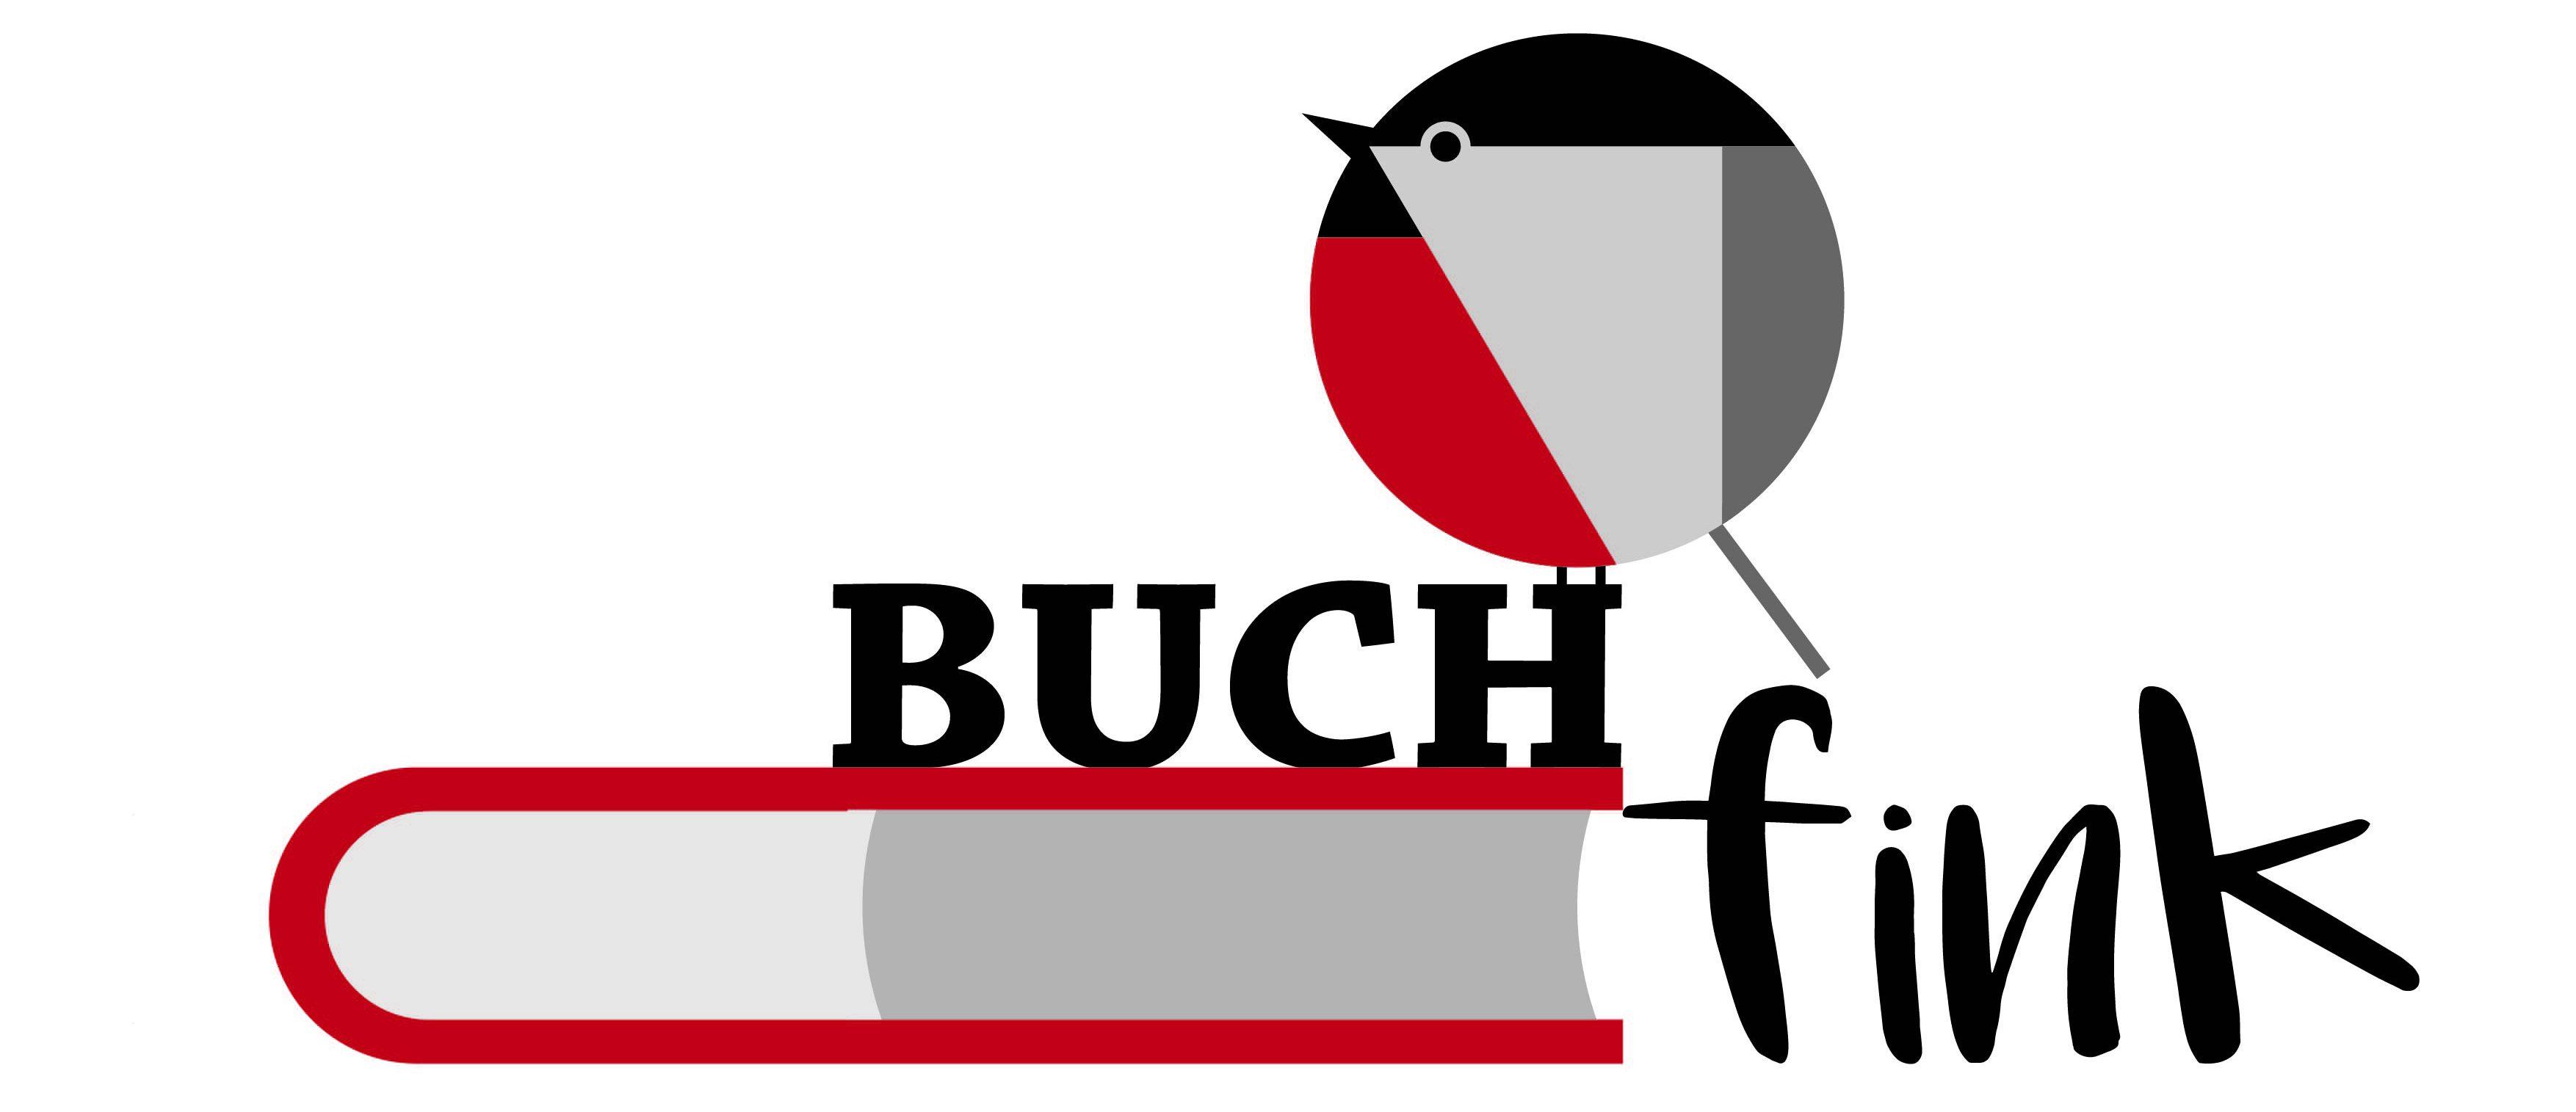 Edition Buchfink